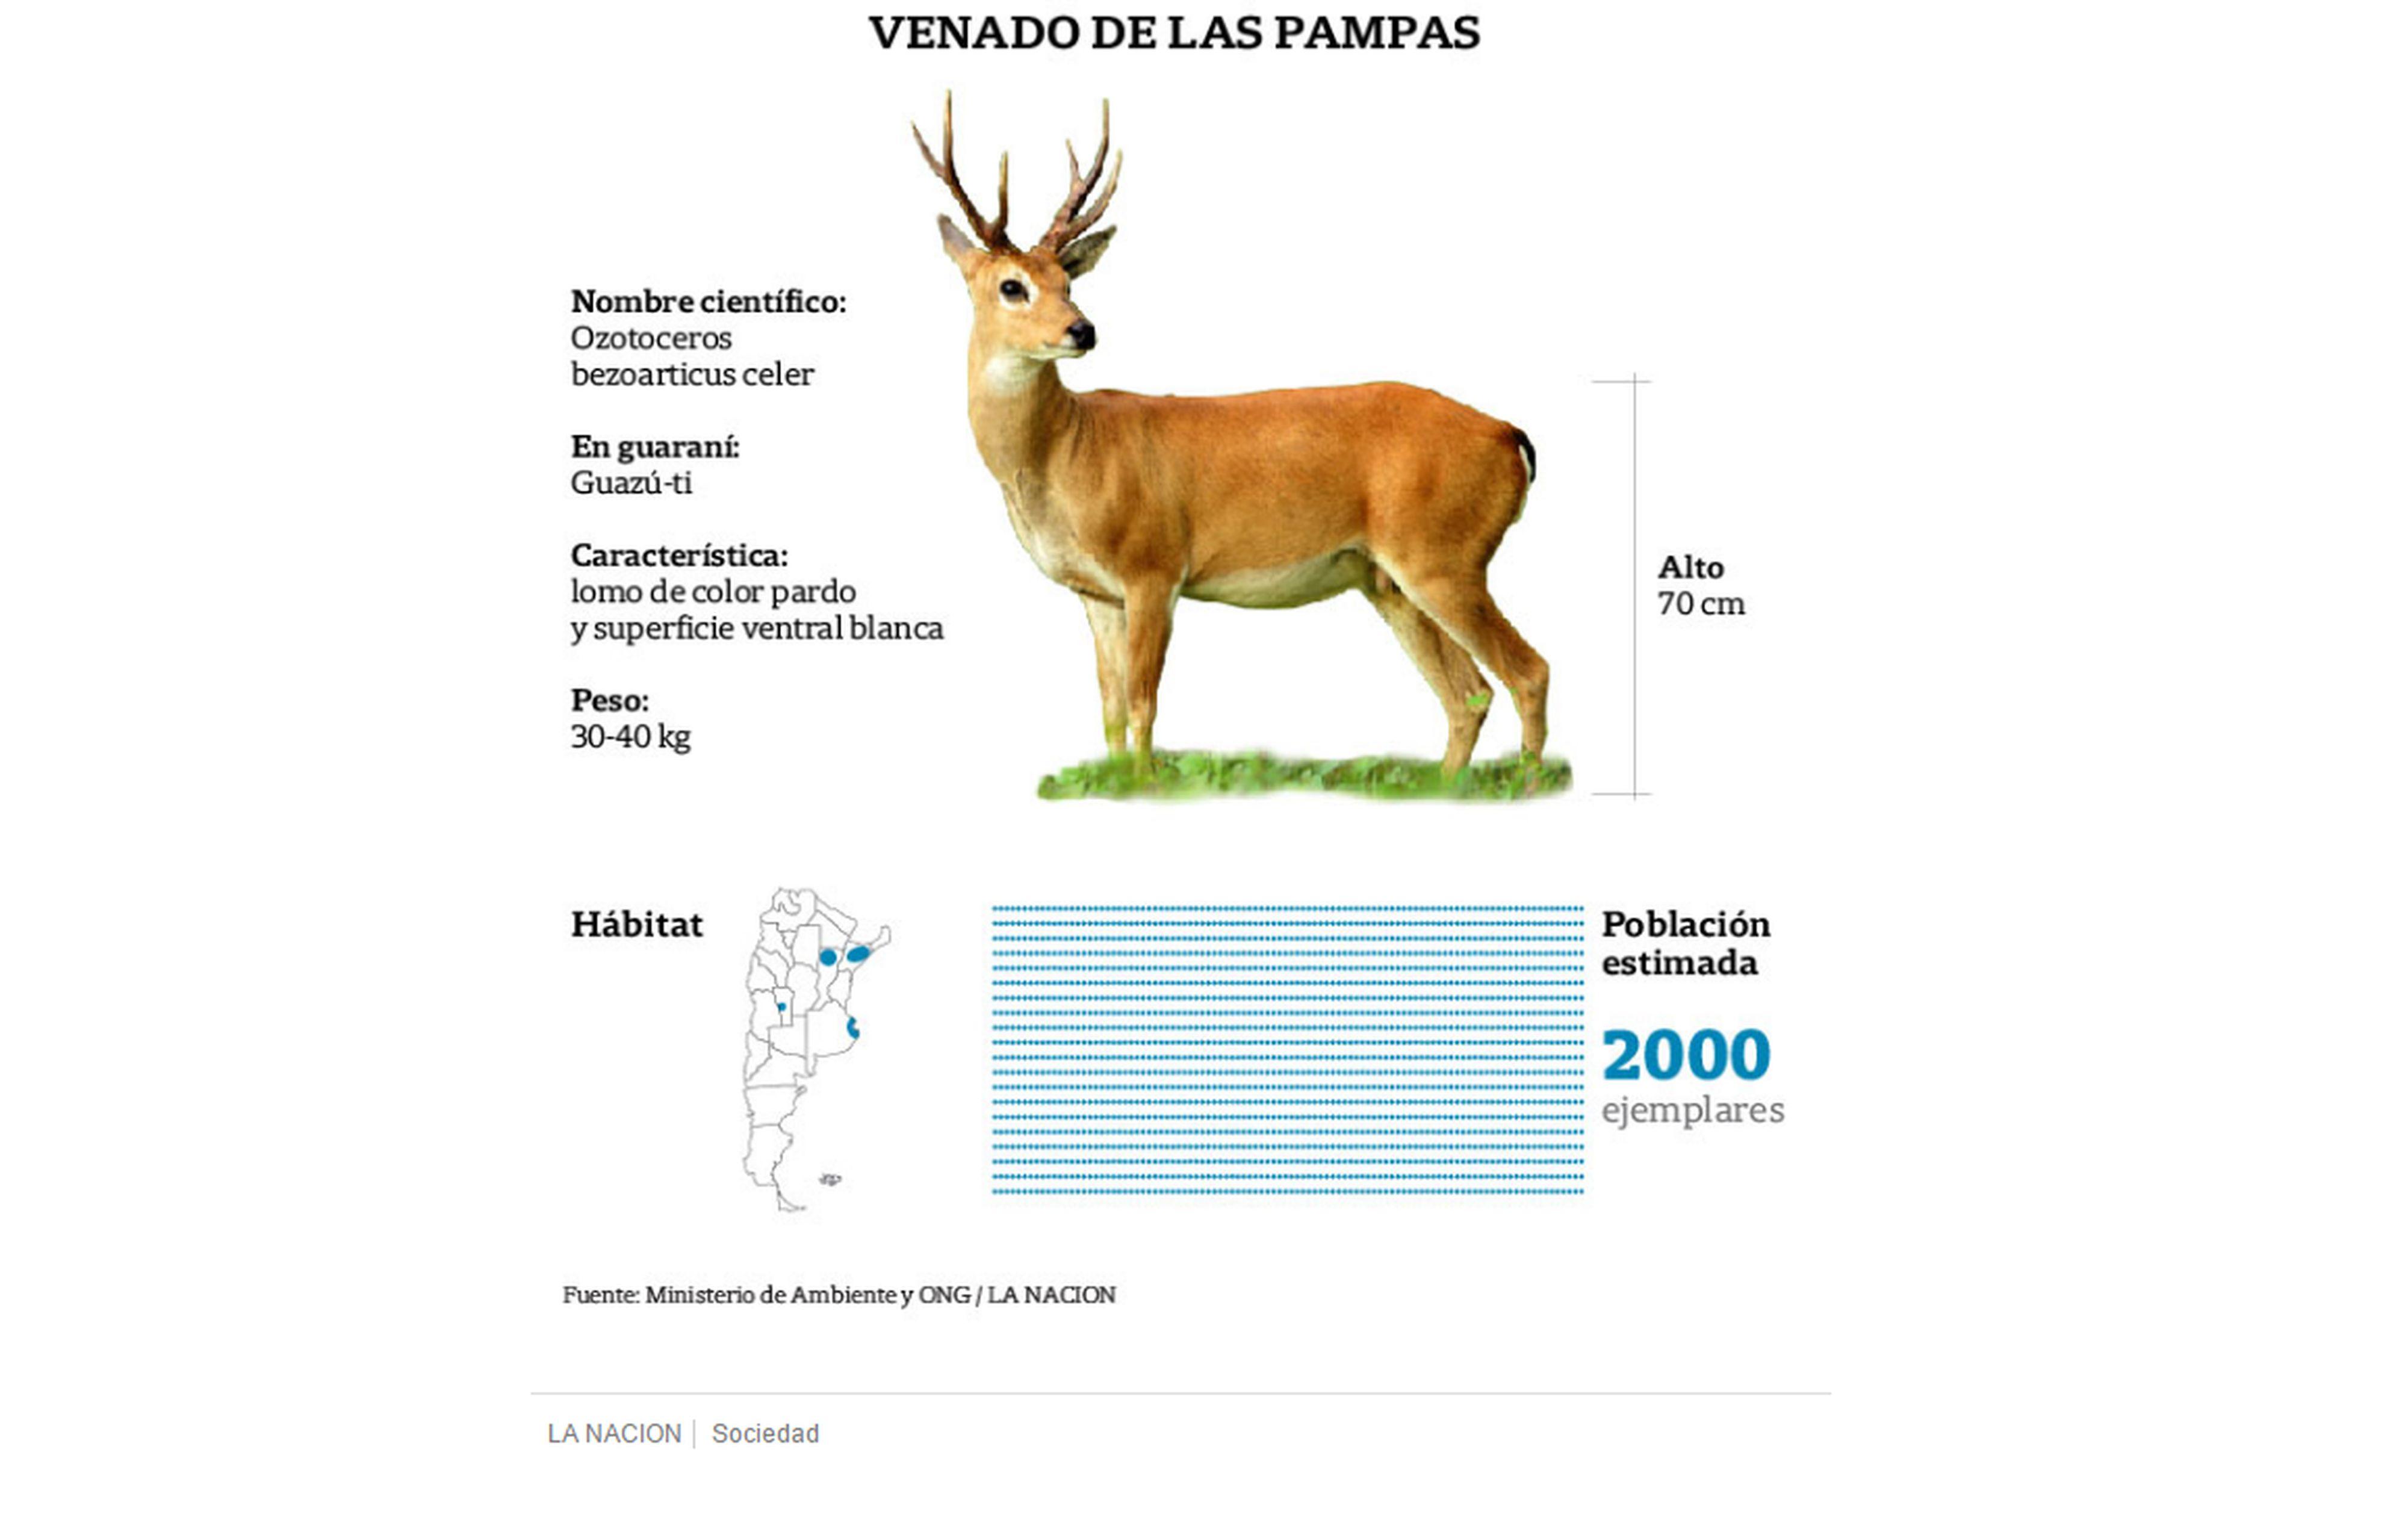 Peligro de extinción: seis especies están en situación crítica, una ...